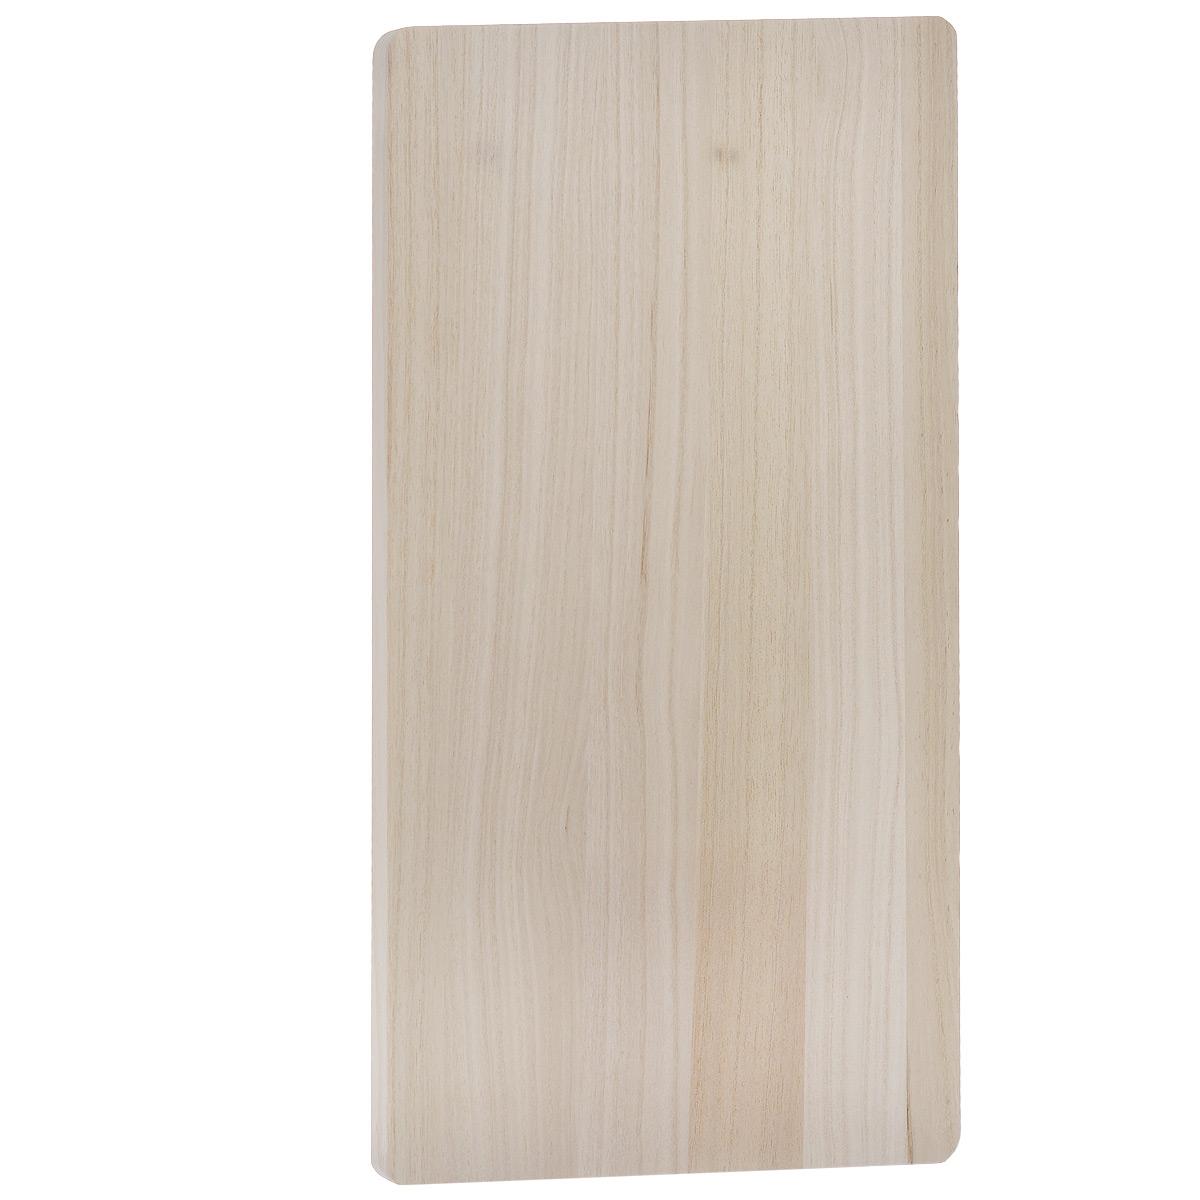 Доска разделочная Hatamoto, 53 см х 29,5 см. H-347H-347Разделочная доска Hatamoto выполнена из адамова дерева (павловнии) - невероятно прочного и легкого материала. Такая доска обладает высокими антибактериальными и гигиеническими свойствами, легко моется и быстро сохнет.